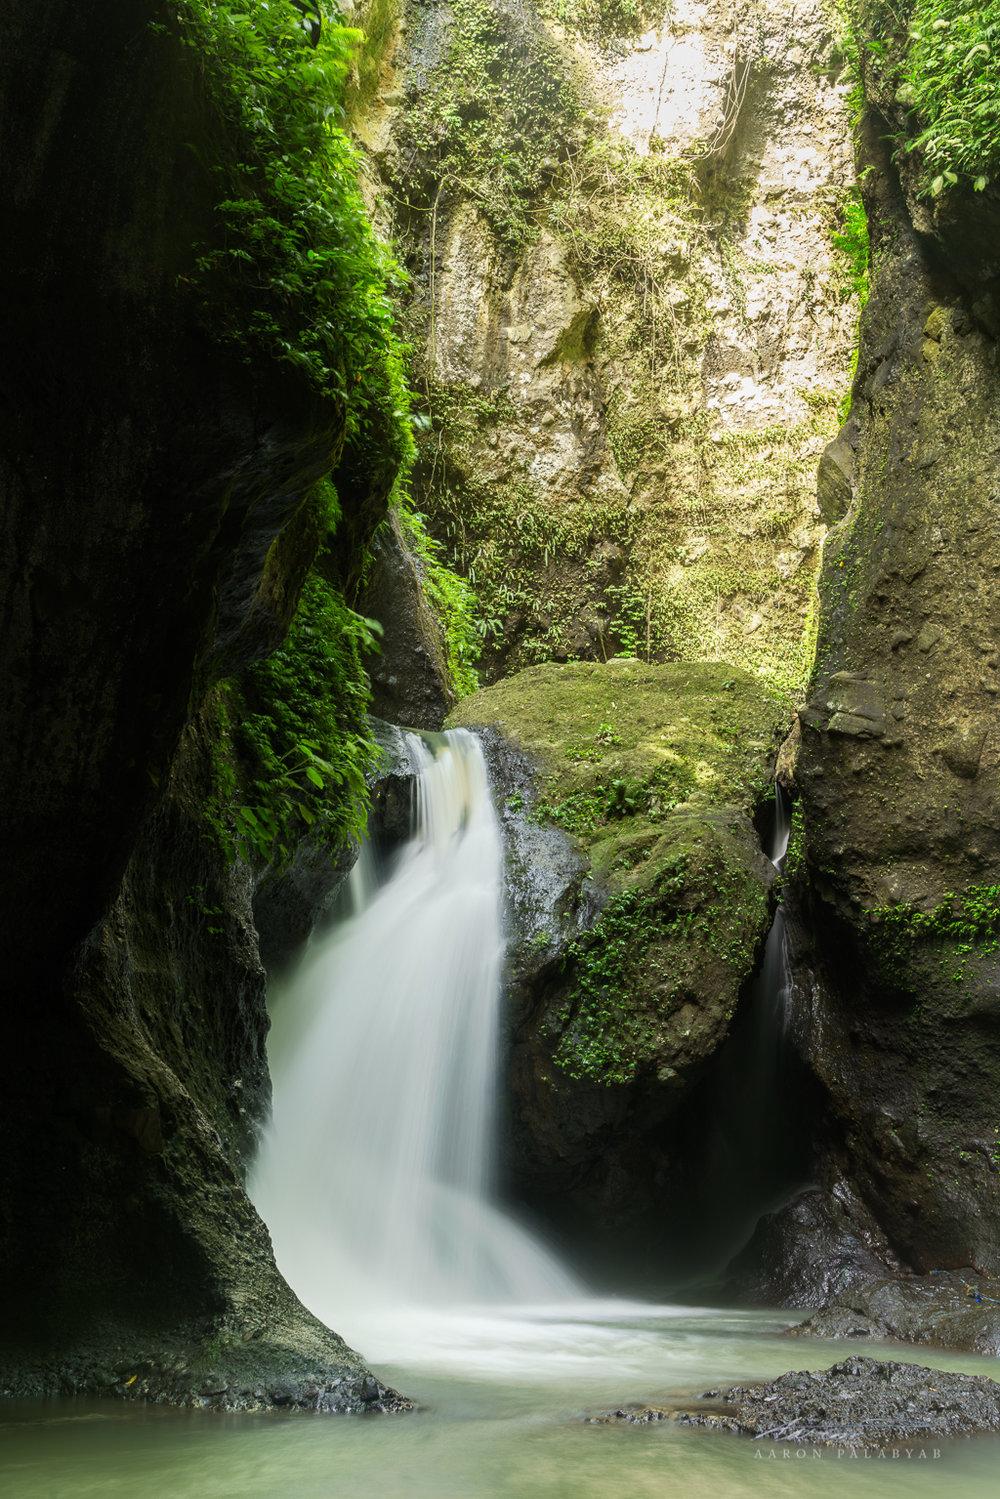 Ambon-Ambon Falls, part of Panguil River Eco-Park